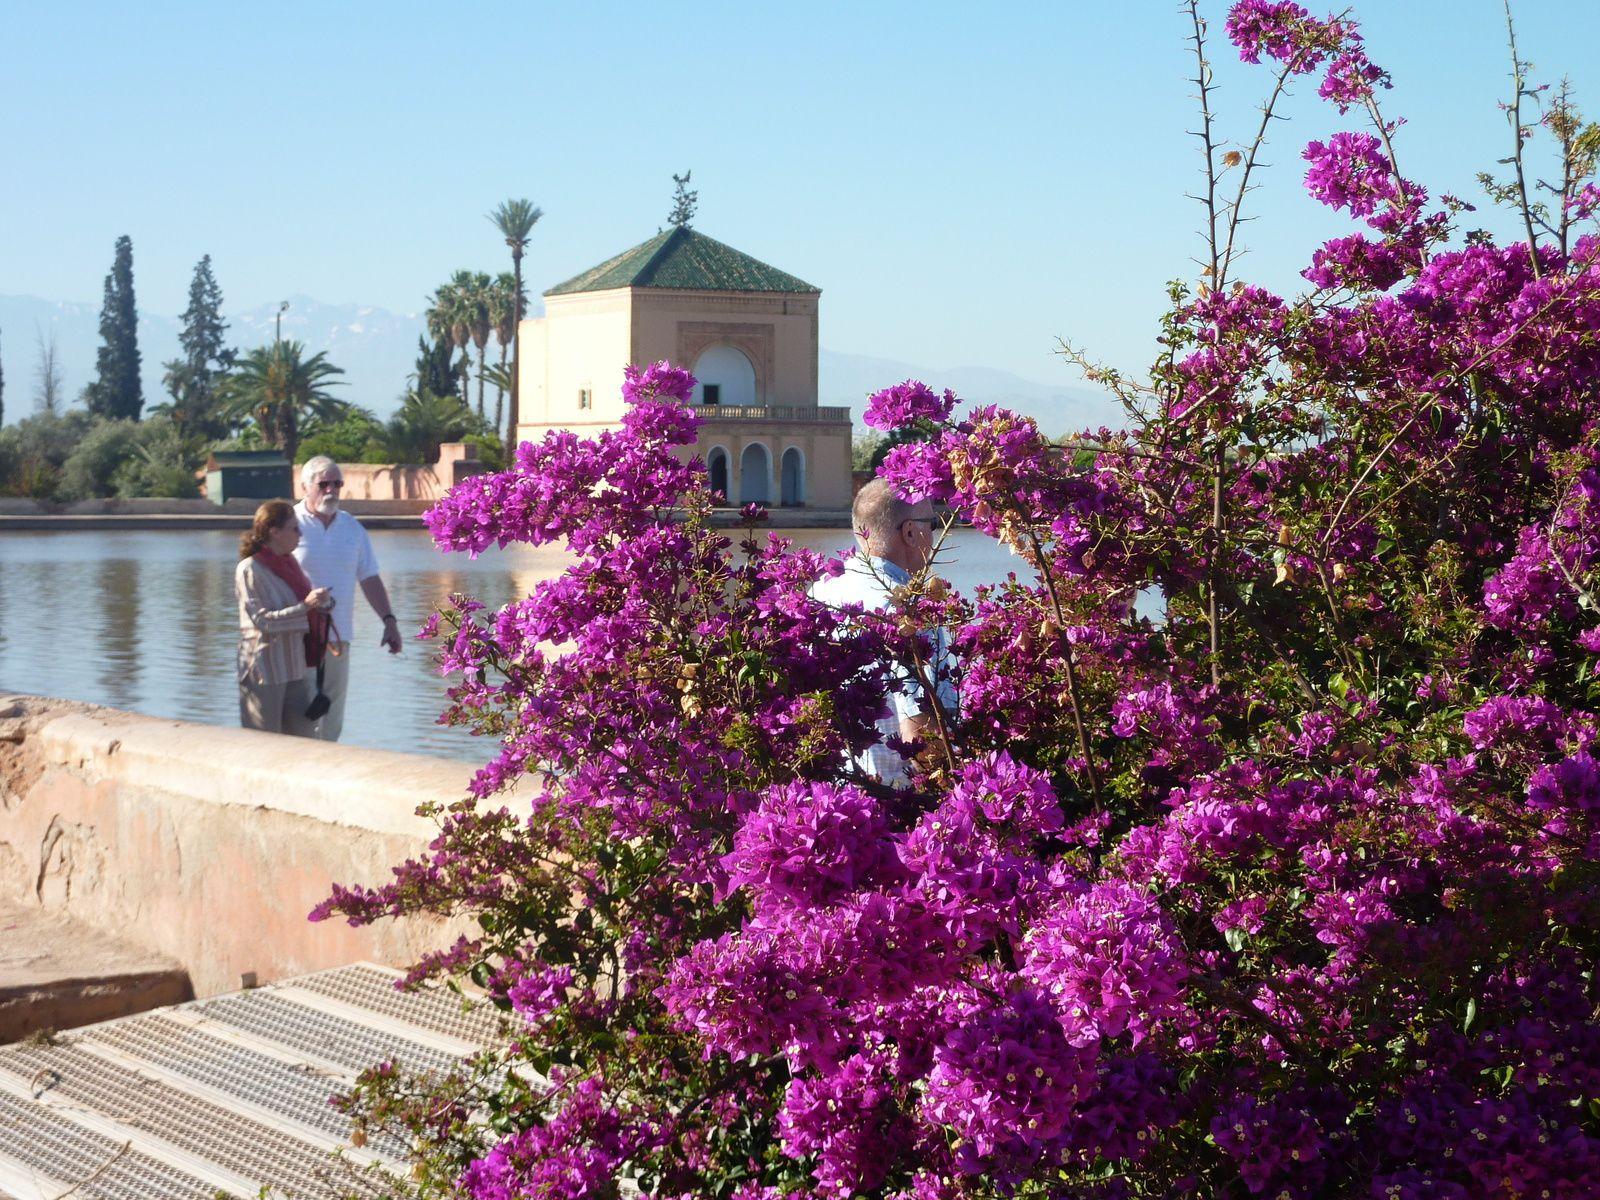 Un jardin d'eau et d'oliviers : la Ménara